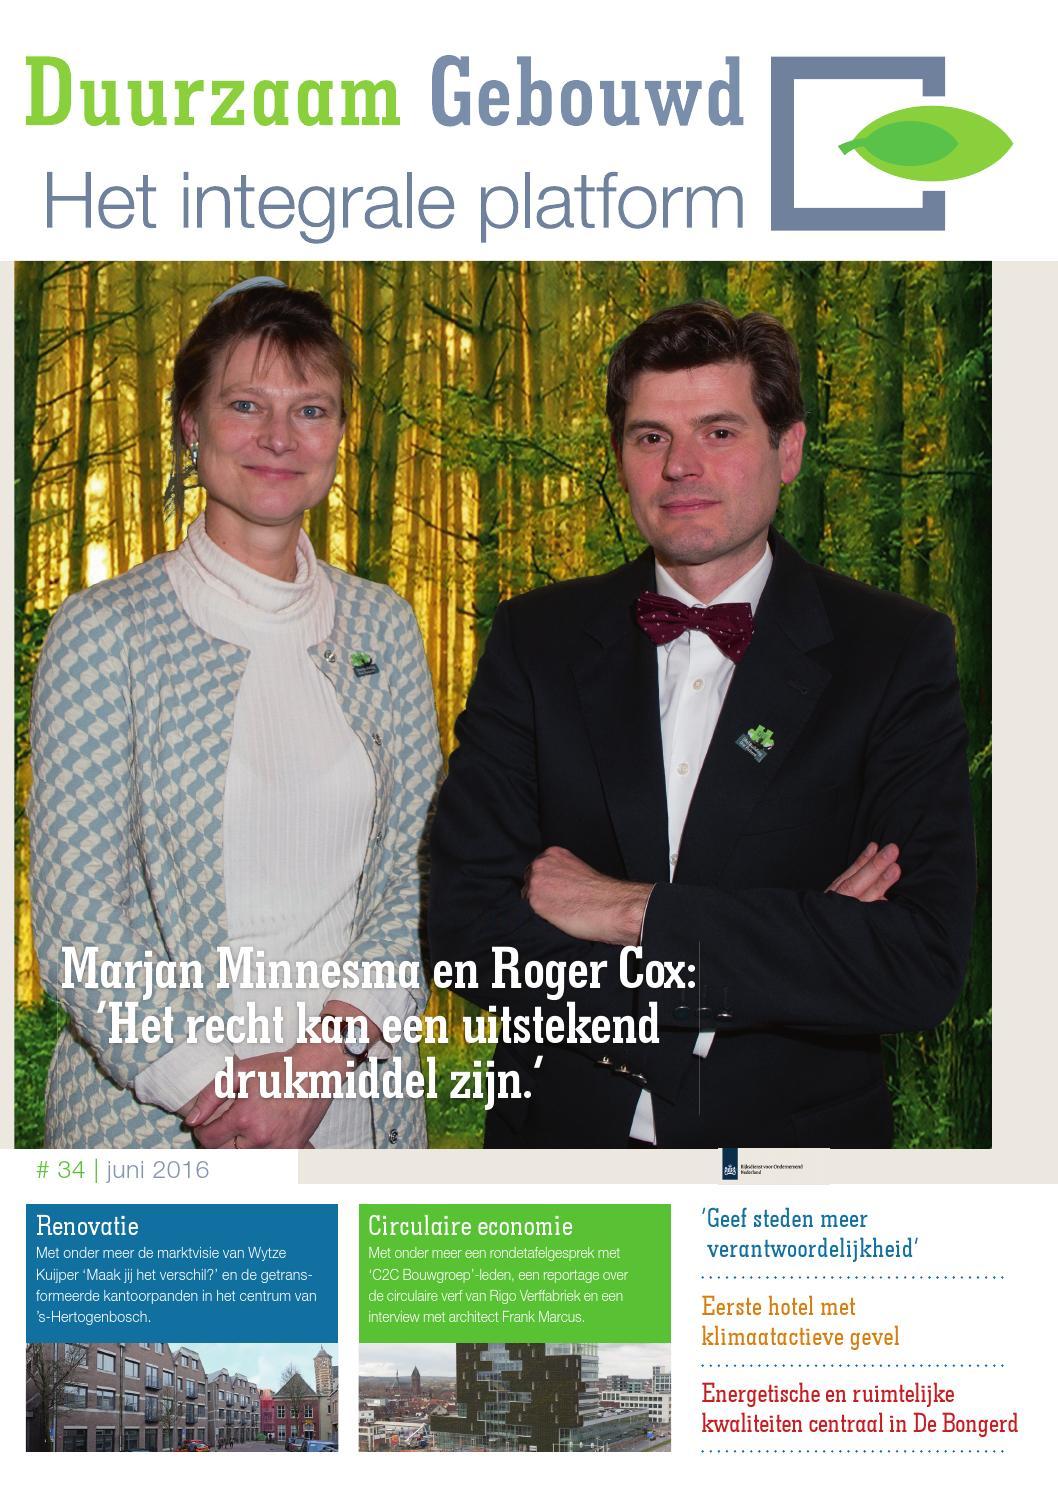 Bouwtotaal december 2013 by nederlandse handelsuitgaven bv   issuu